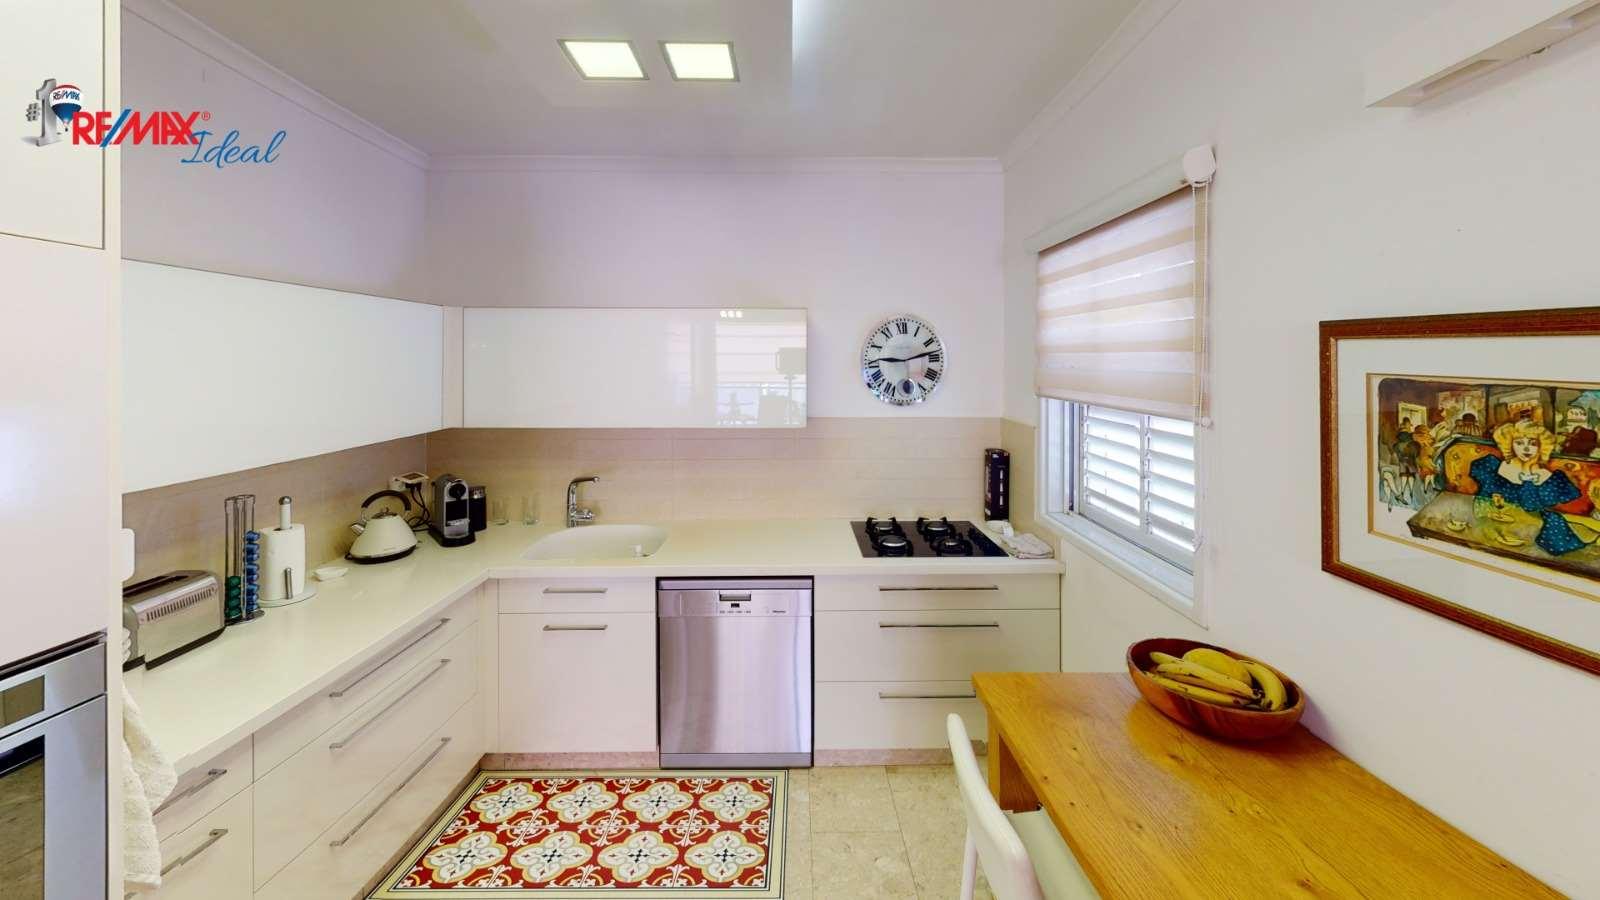 דירה למכירה 4 חדרים בראשון לציון נווה הדרים הקוקיה